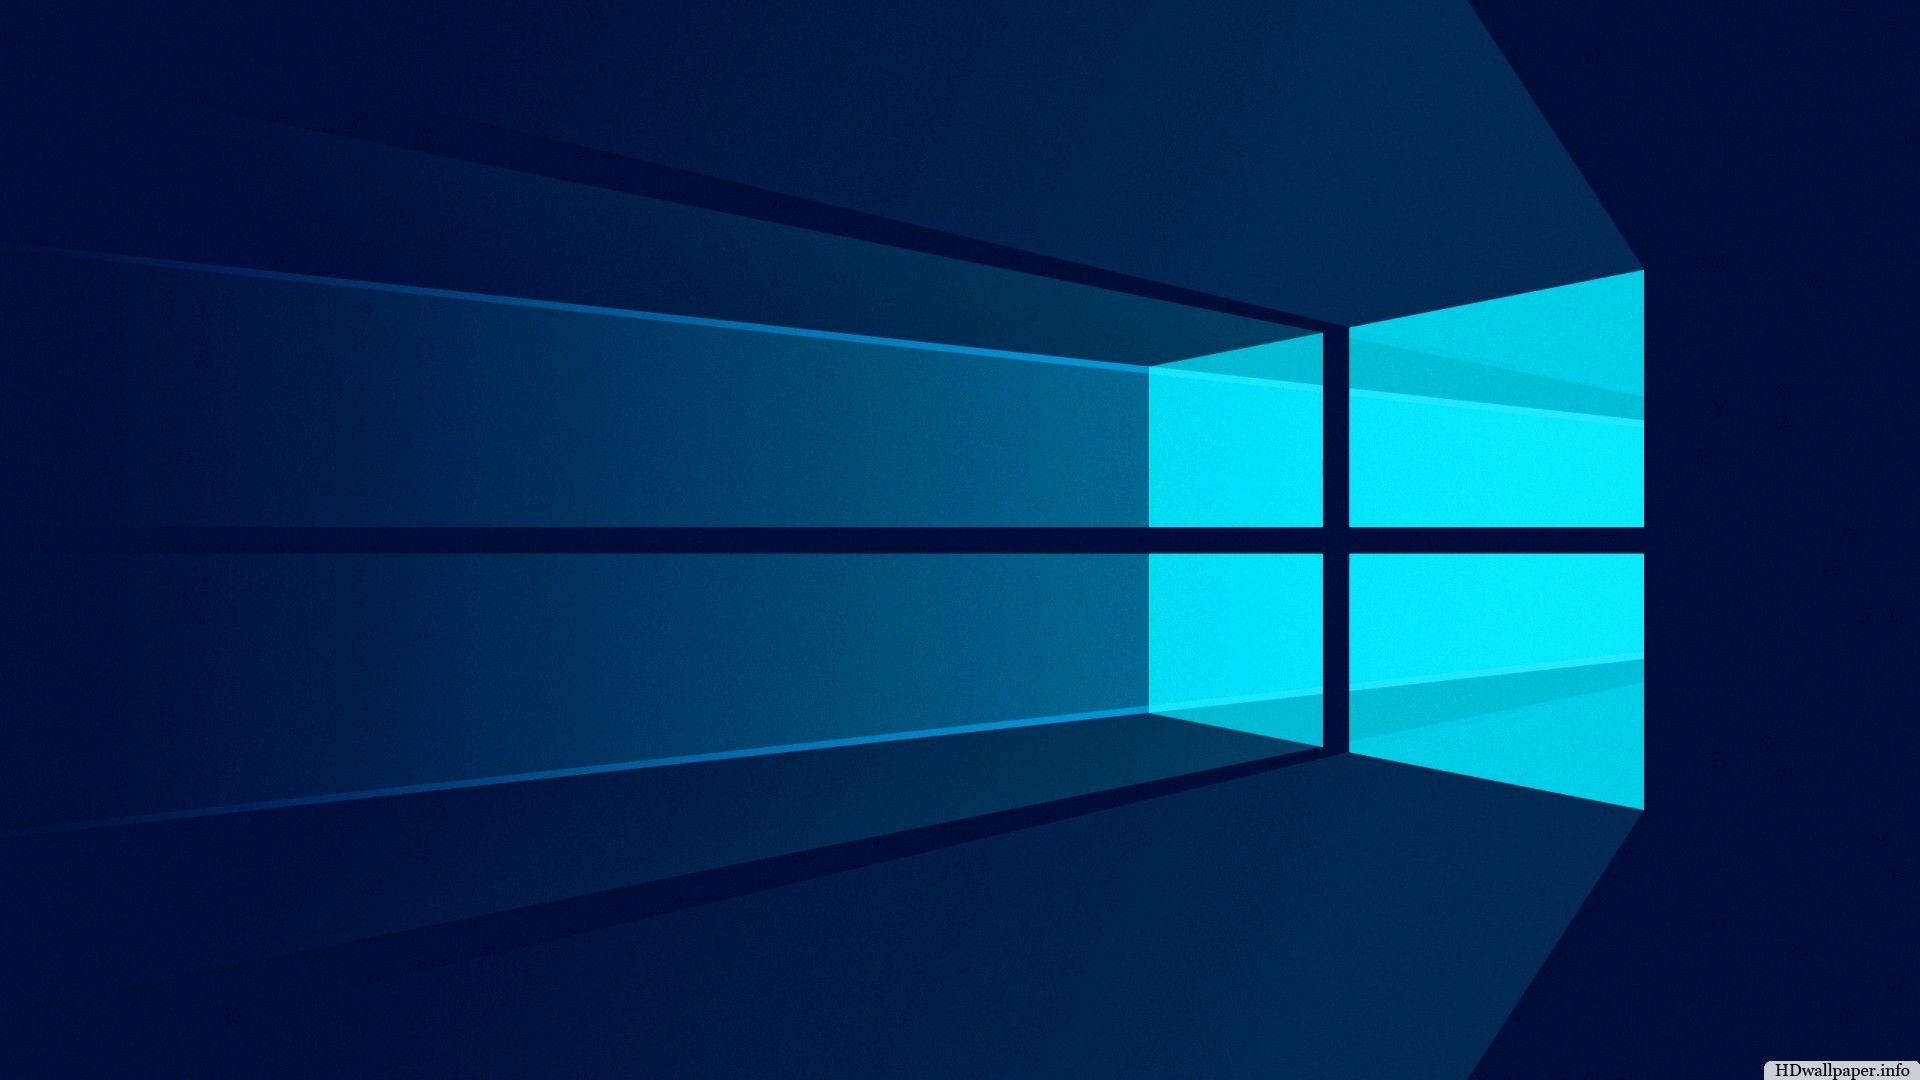 Http://hdwallpaper.info/windows